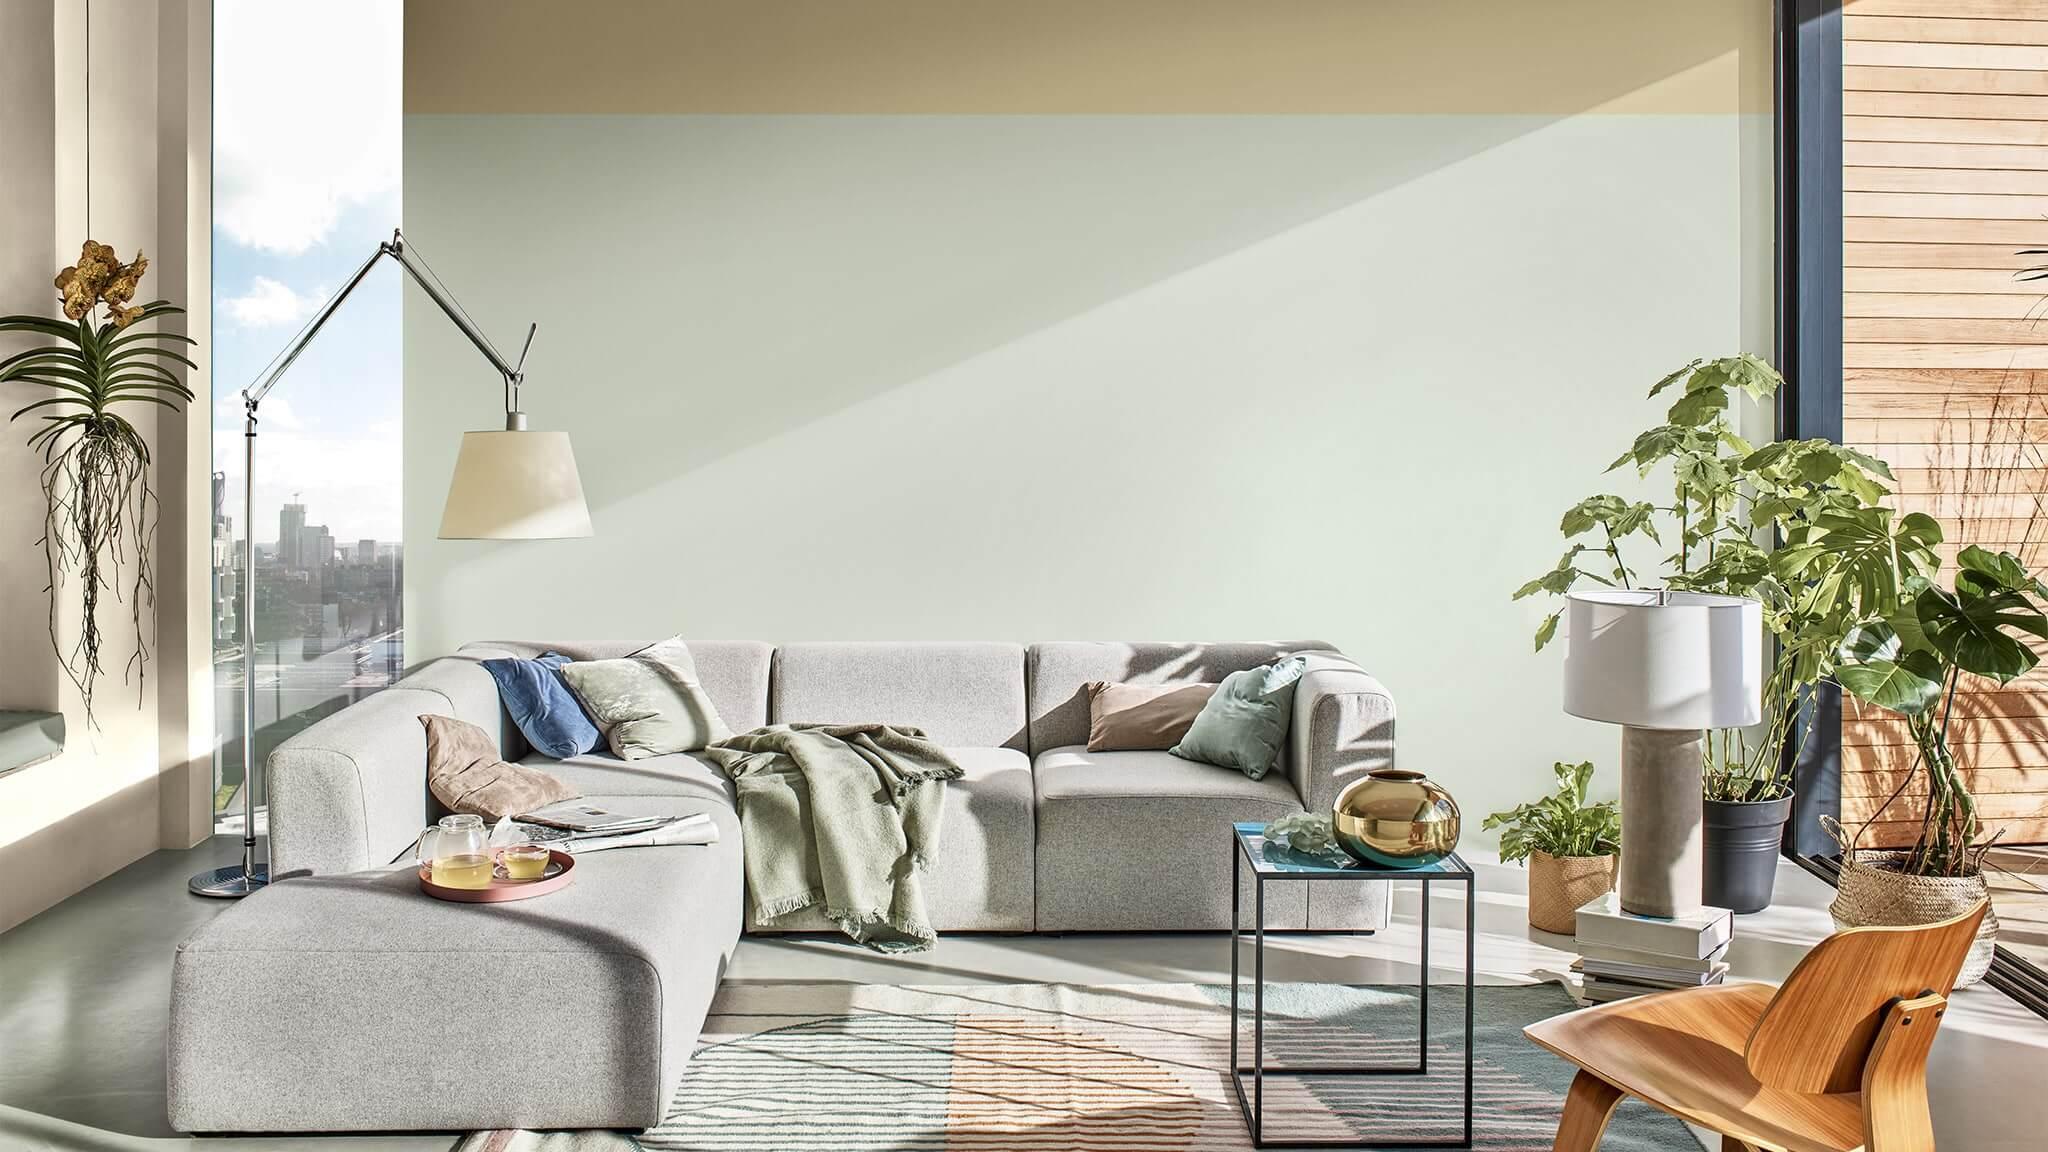 Flexa Kleur Van Het Jaar 2020 Verf In Alle Kleuren Voor Binnen En Buiten Flexa Flexa